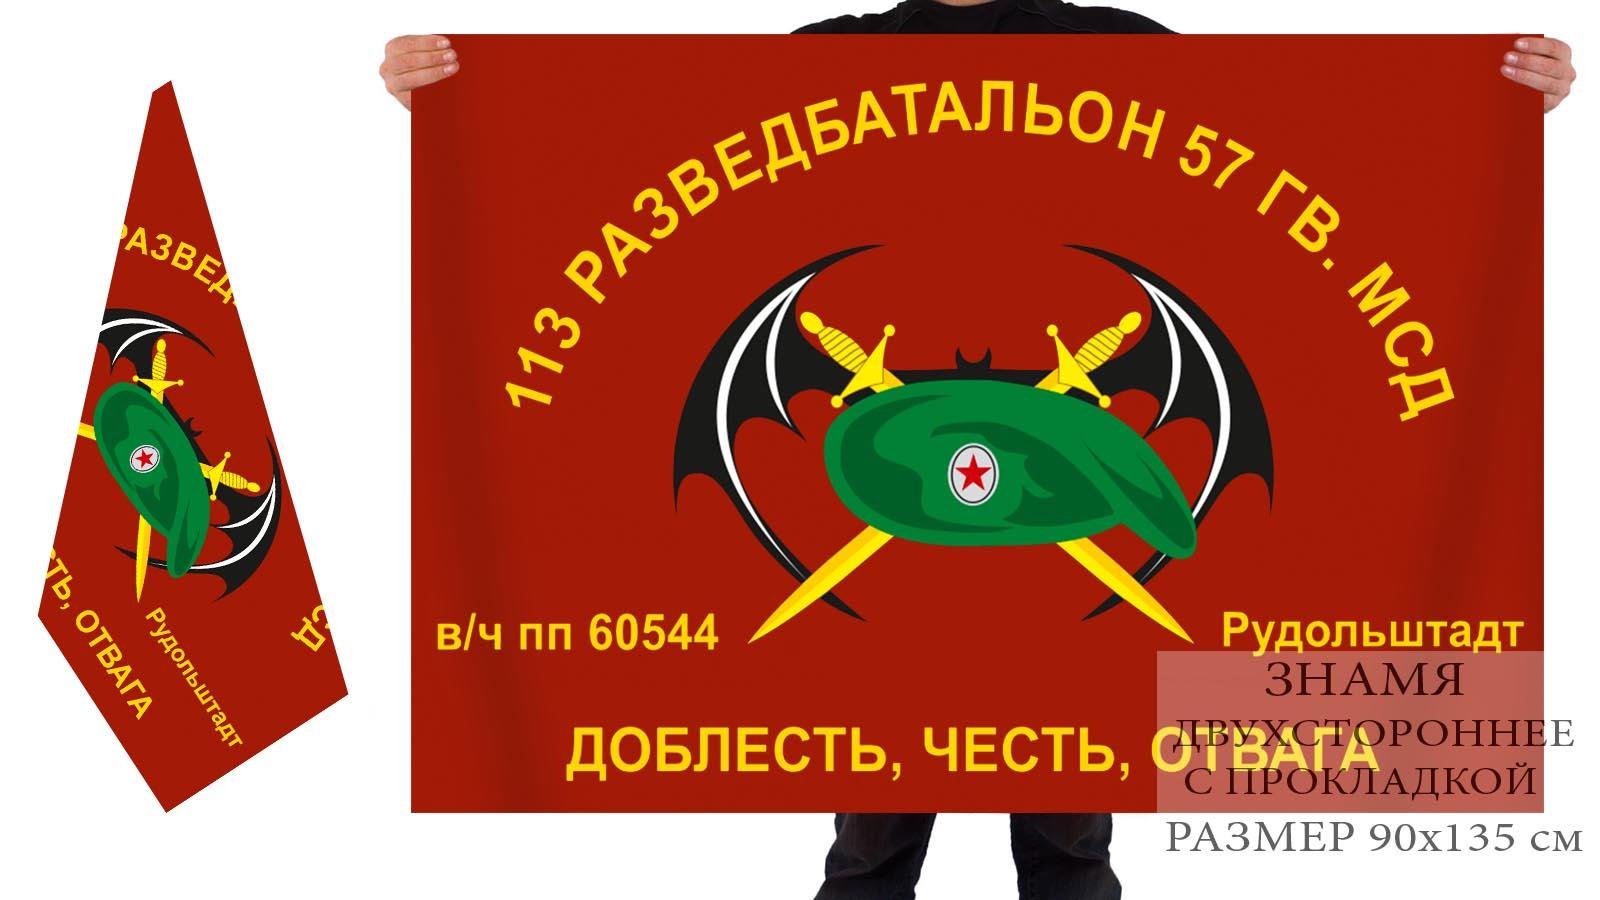 Двусторонний флаг 113 ОРБ 57 Гв. МСД